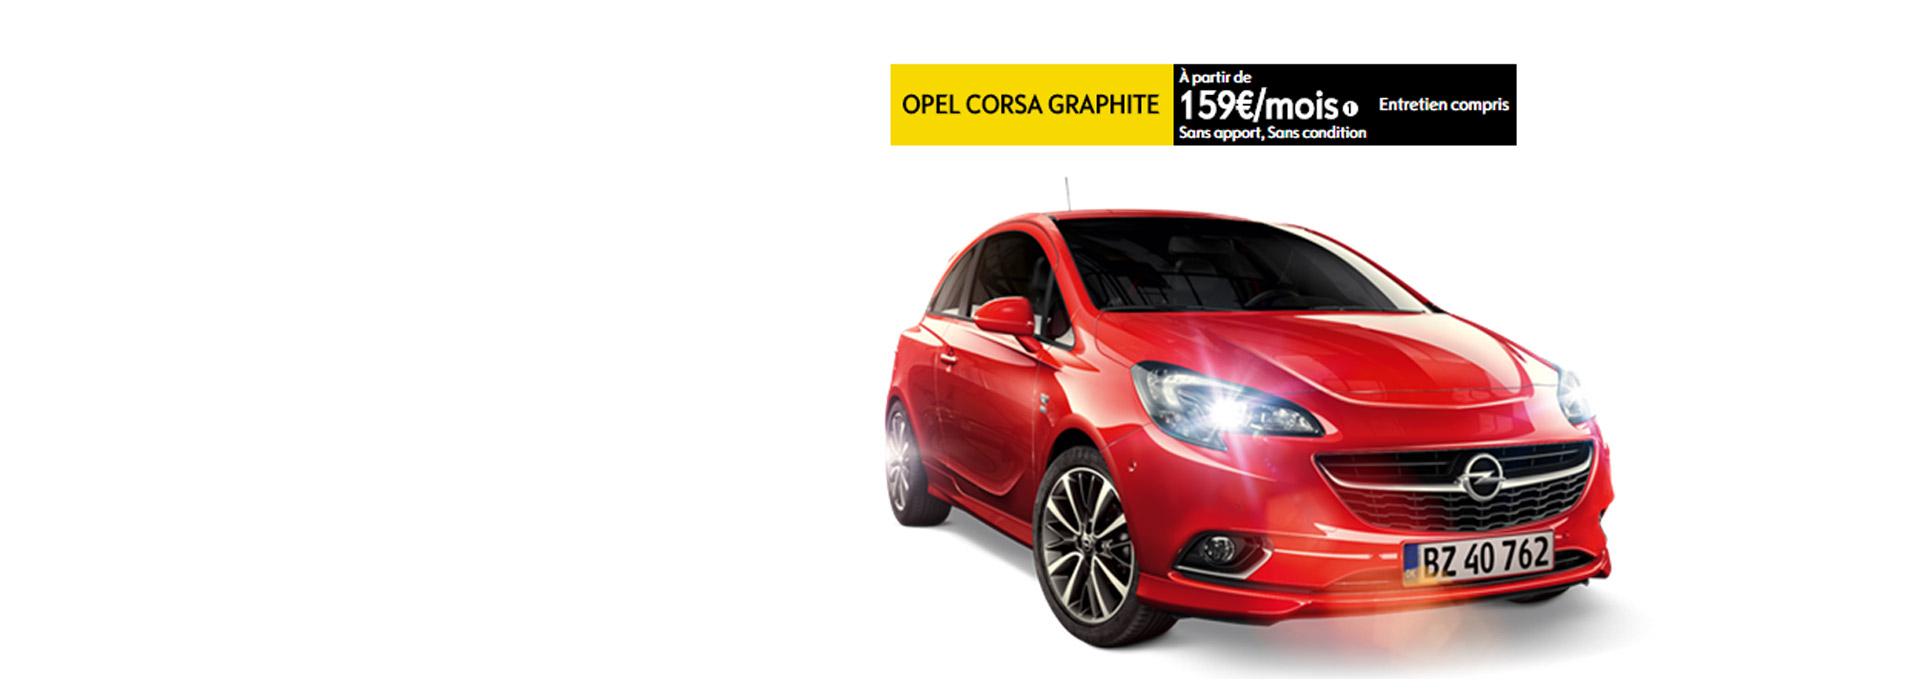 Opel Corsa Graphite